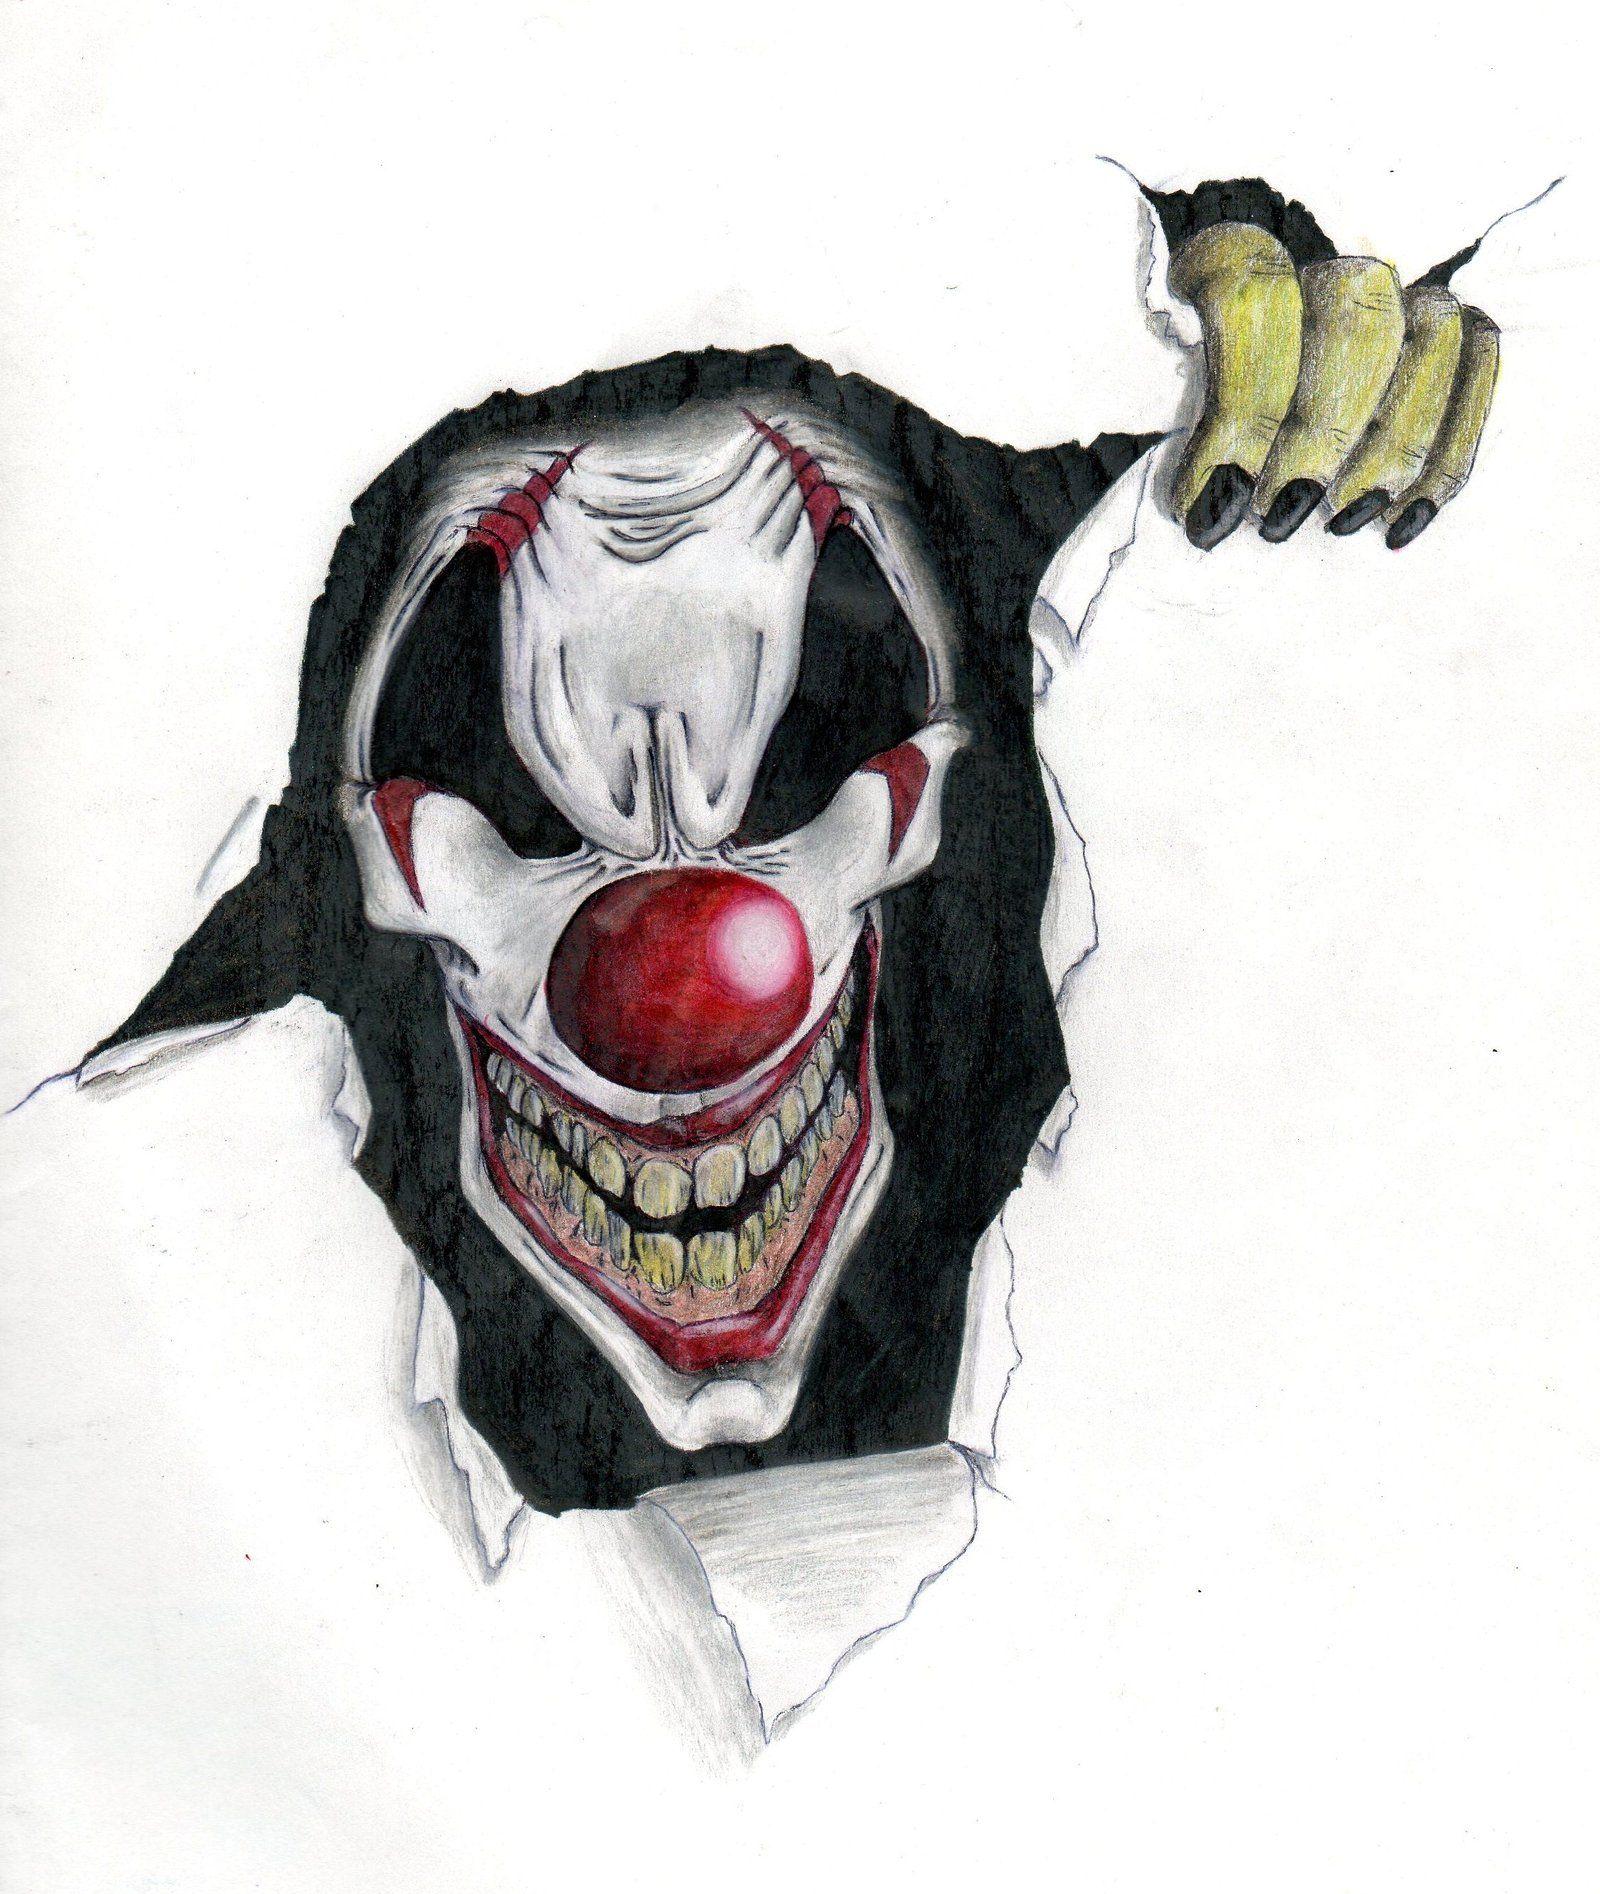 злые клоуны картинки эскизы инсигния может комплектоваться